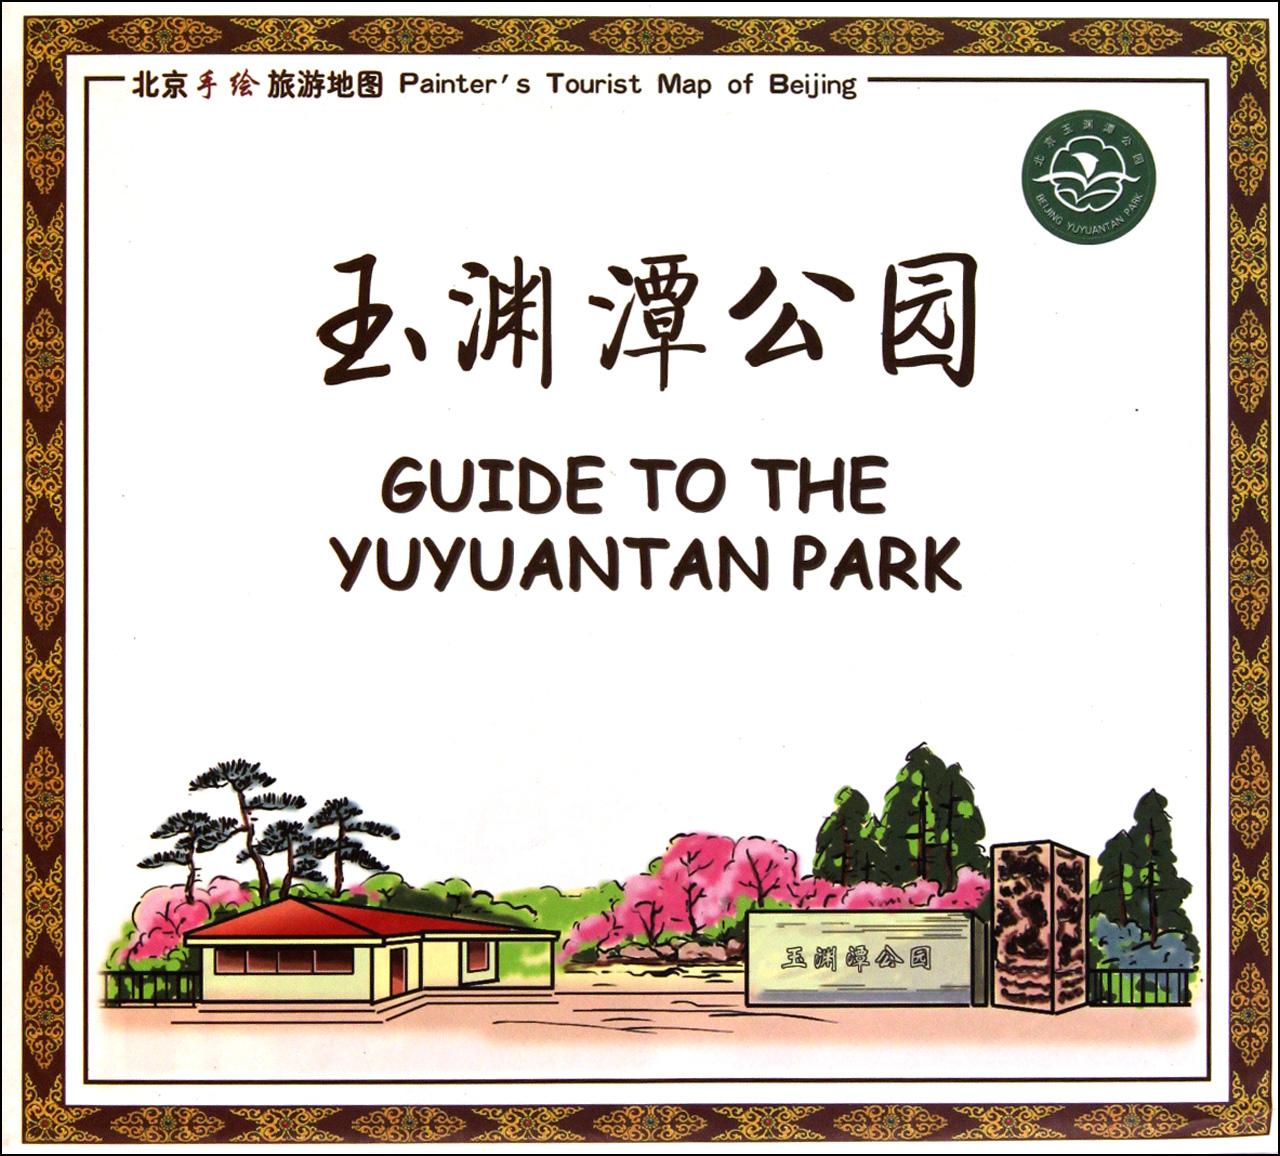 玉渊潭公园北京手绘旅游地图